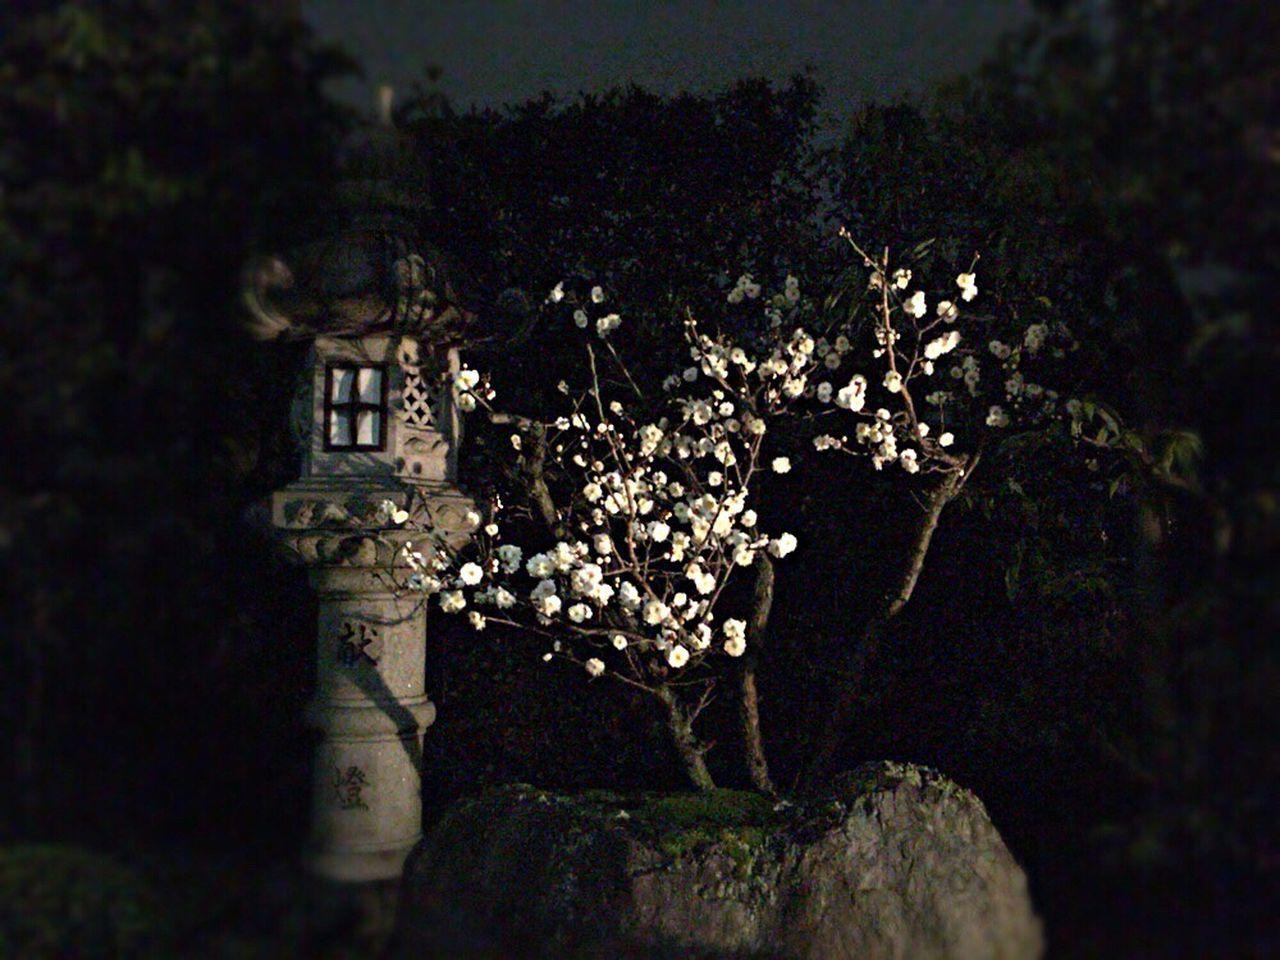 Kyoto,japan Kyoto Night Prunus Mume Japanese Apricot Ume Kyoto NIght Lights Kyoto Night Kyoto Night Night Ume Night Japanese Apricot Kyoto Night Flower Hakubai Kyoto Night Hakubai